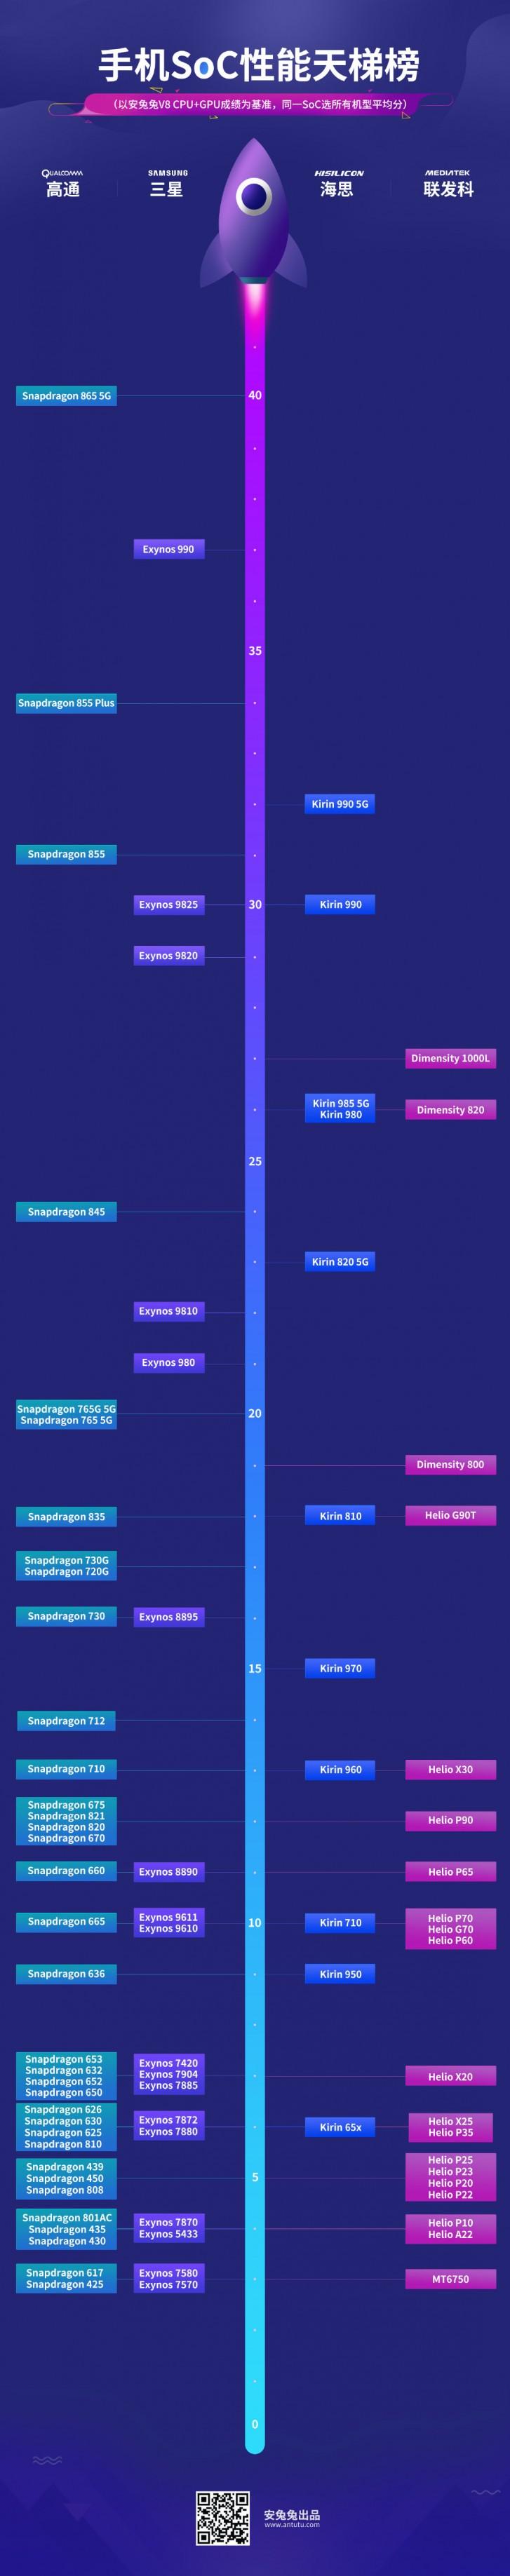 يقارن مخطط AnTuTu الجديد الأداء الحقيقي لشرائح Android